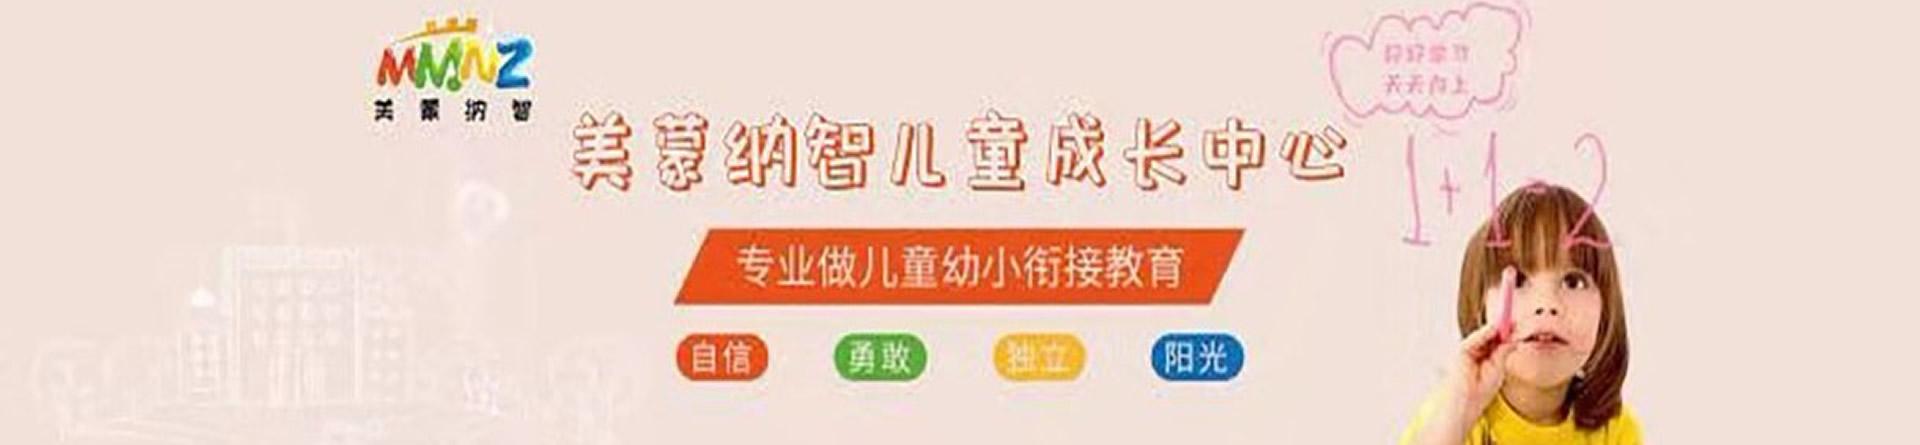 郑州美蒙纳智儿童成长中心